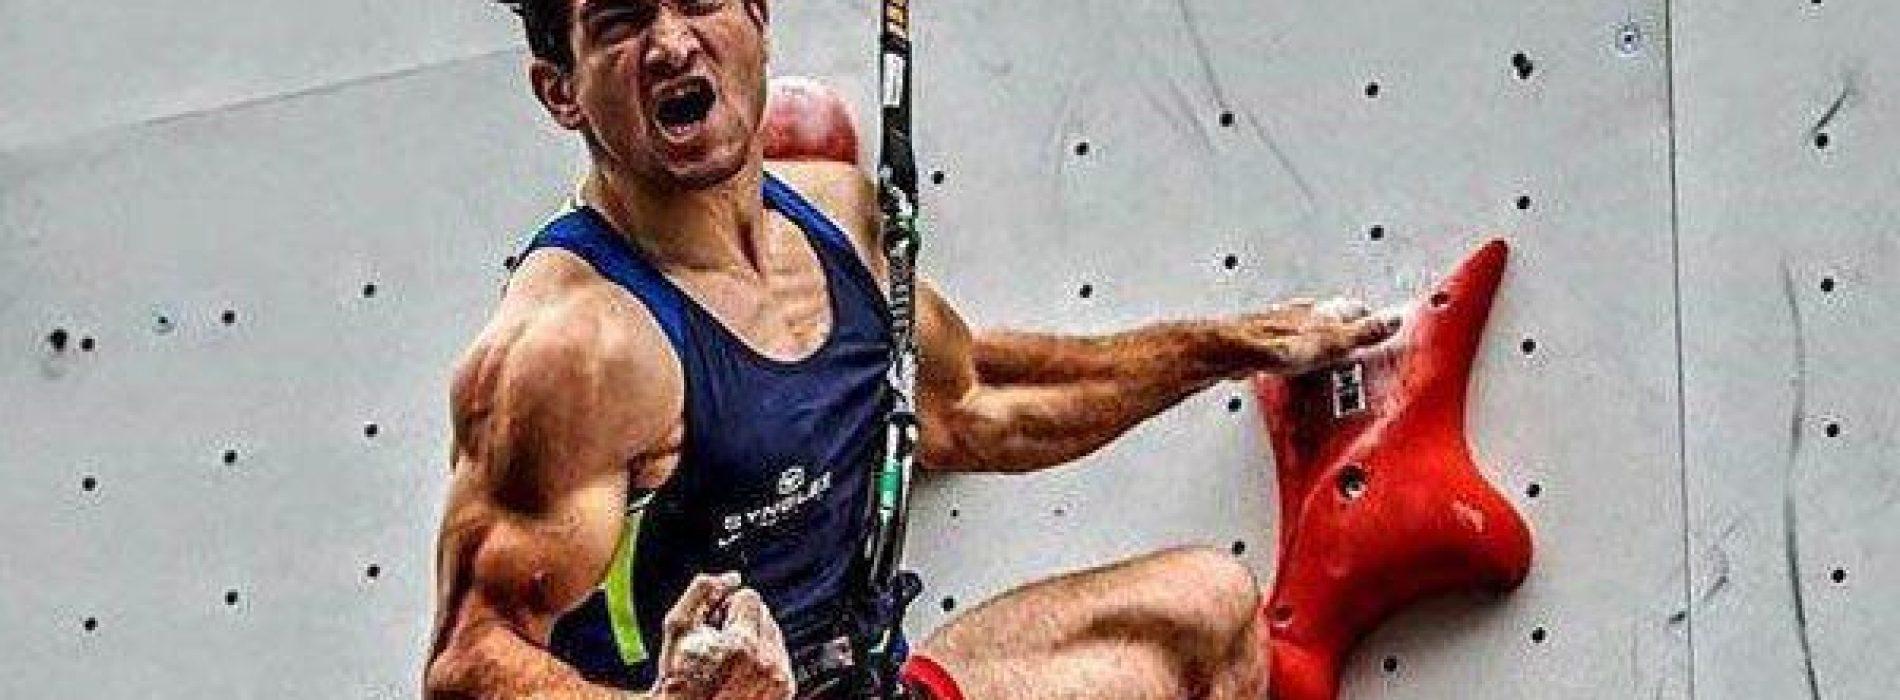 «رضا علیپور» در صدر رنکینگ سرعت مردان جهان